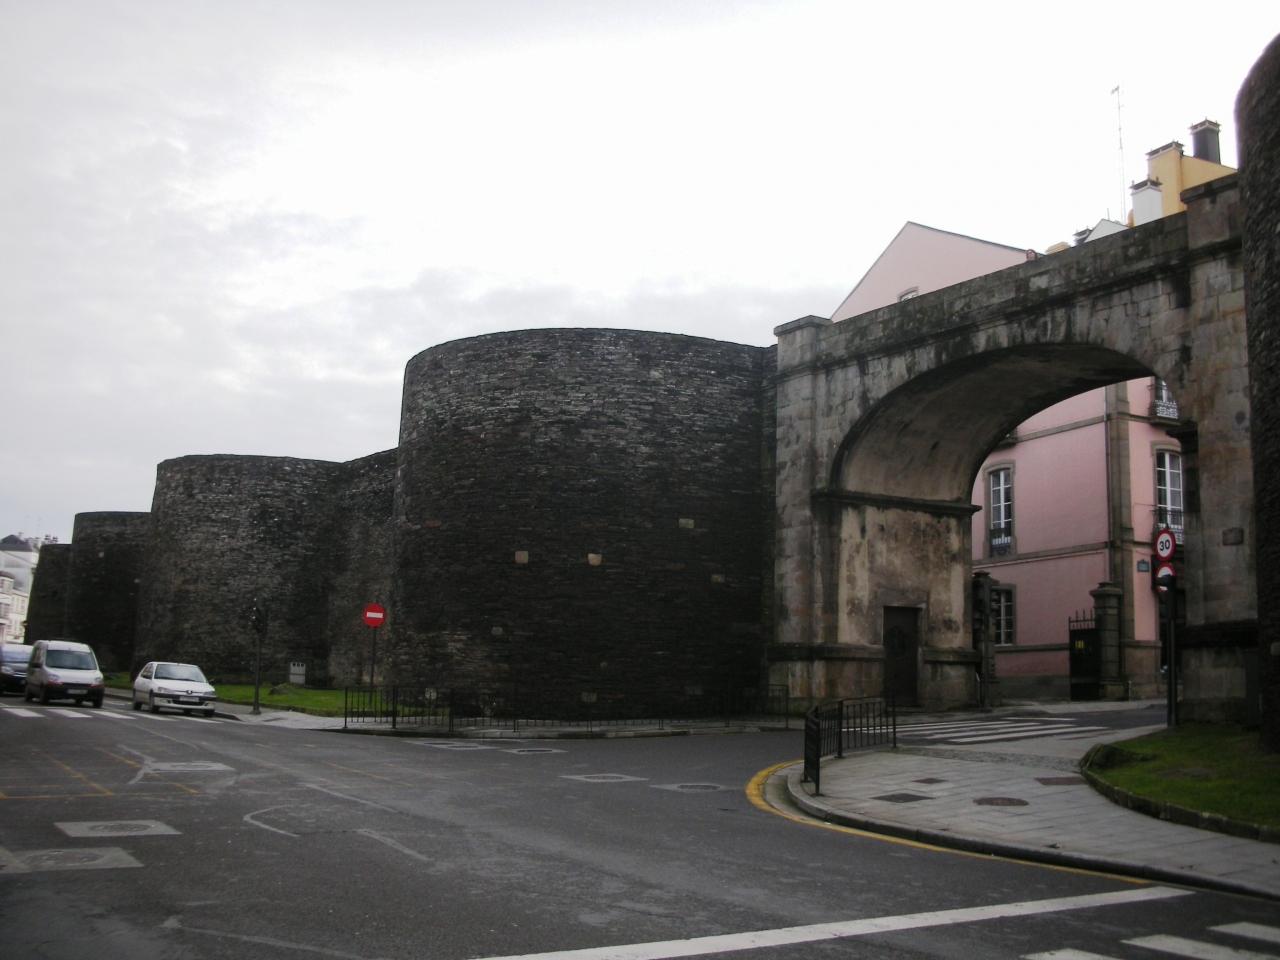 ルーゴ_Lugo 原形を留める城壁!...